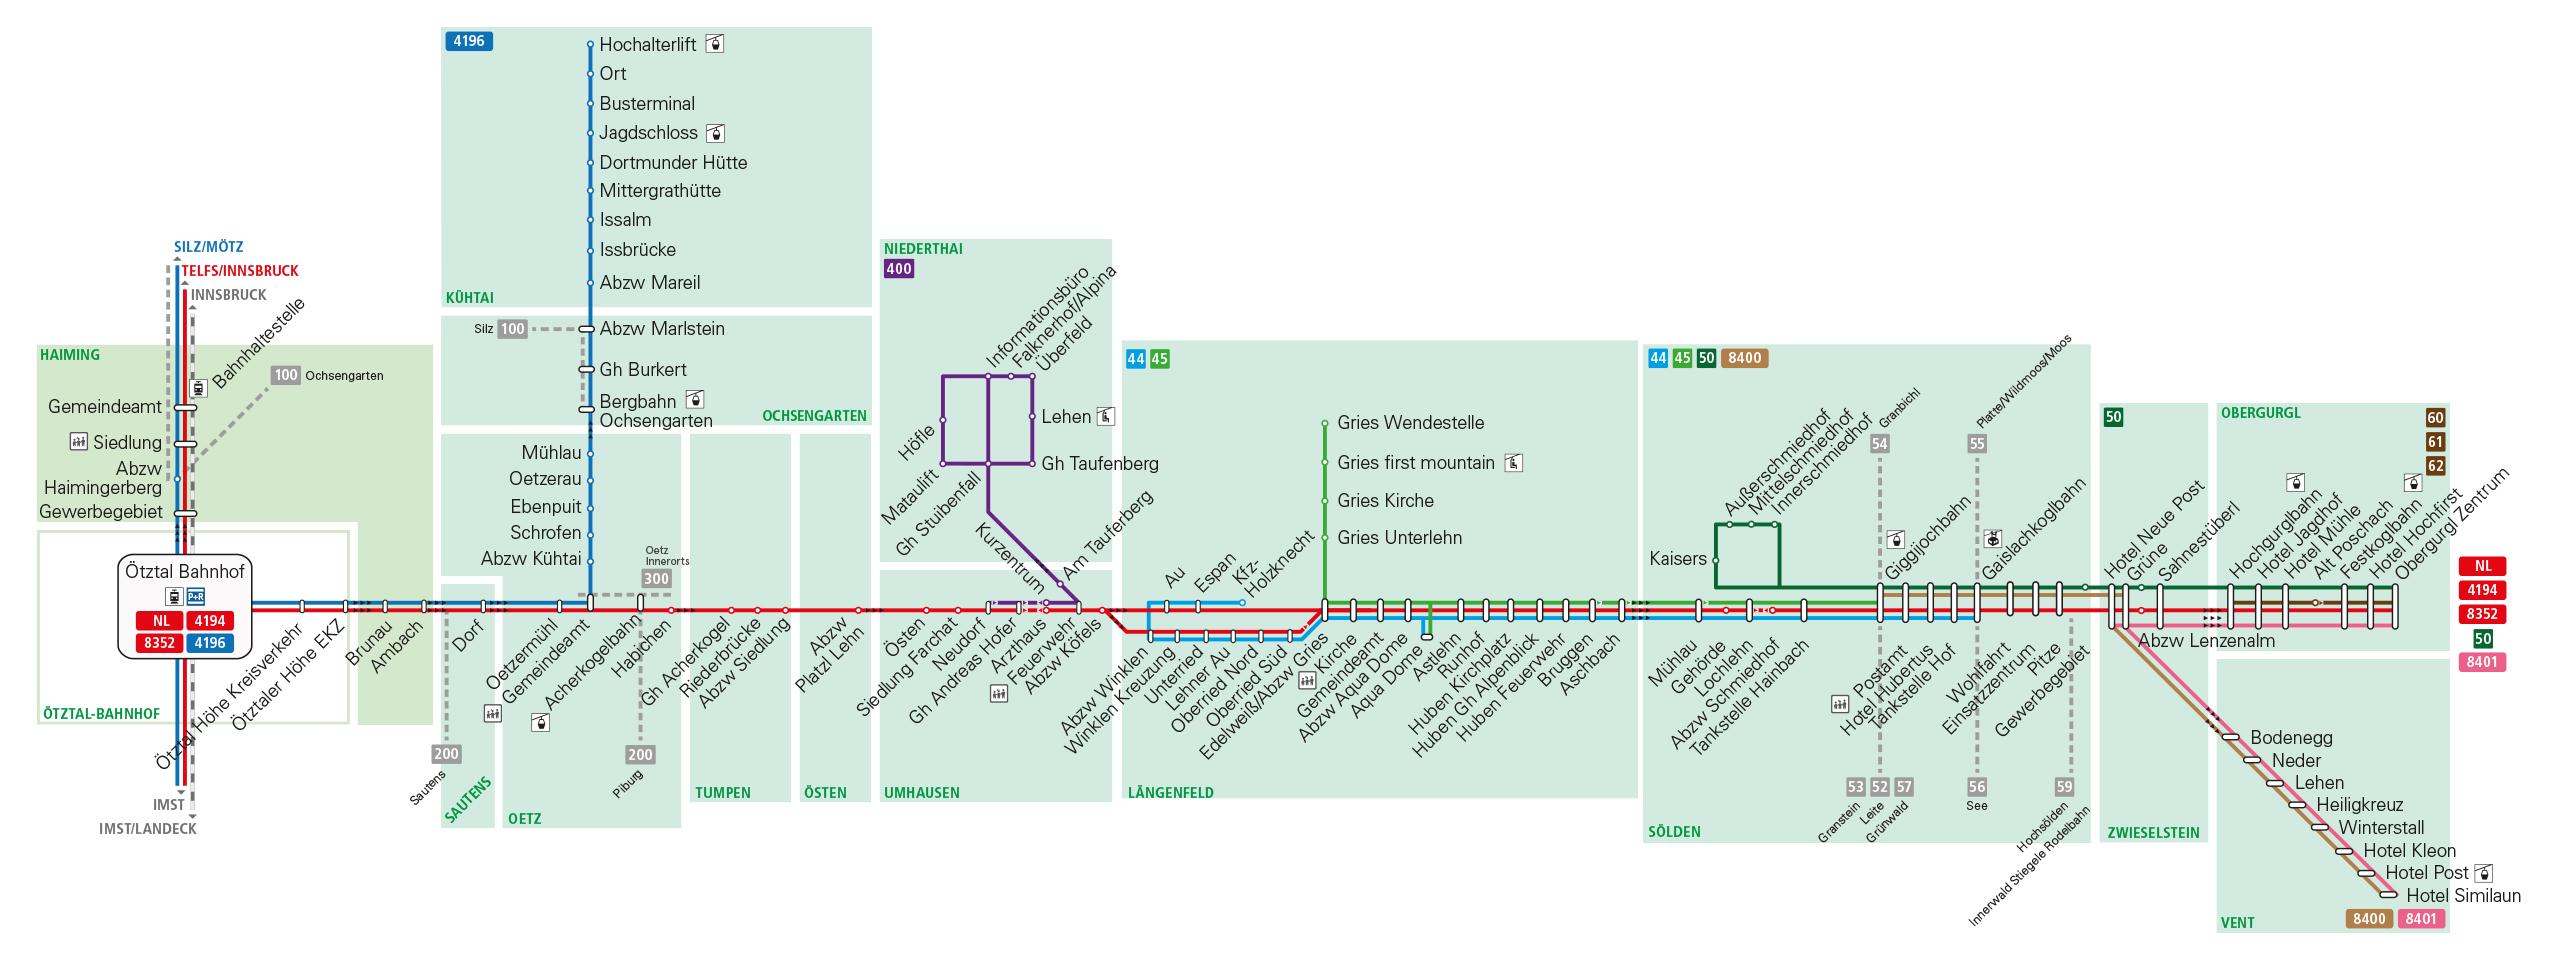 Liniennetzplan_Winter_19